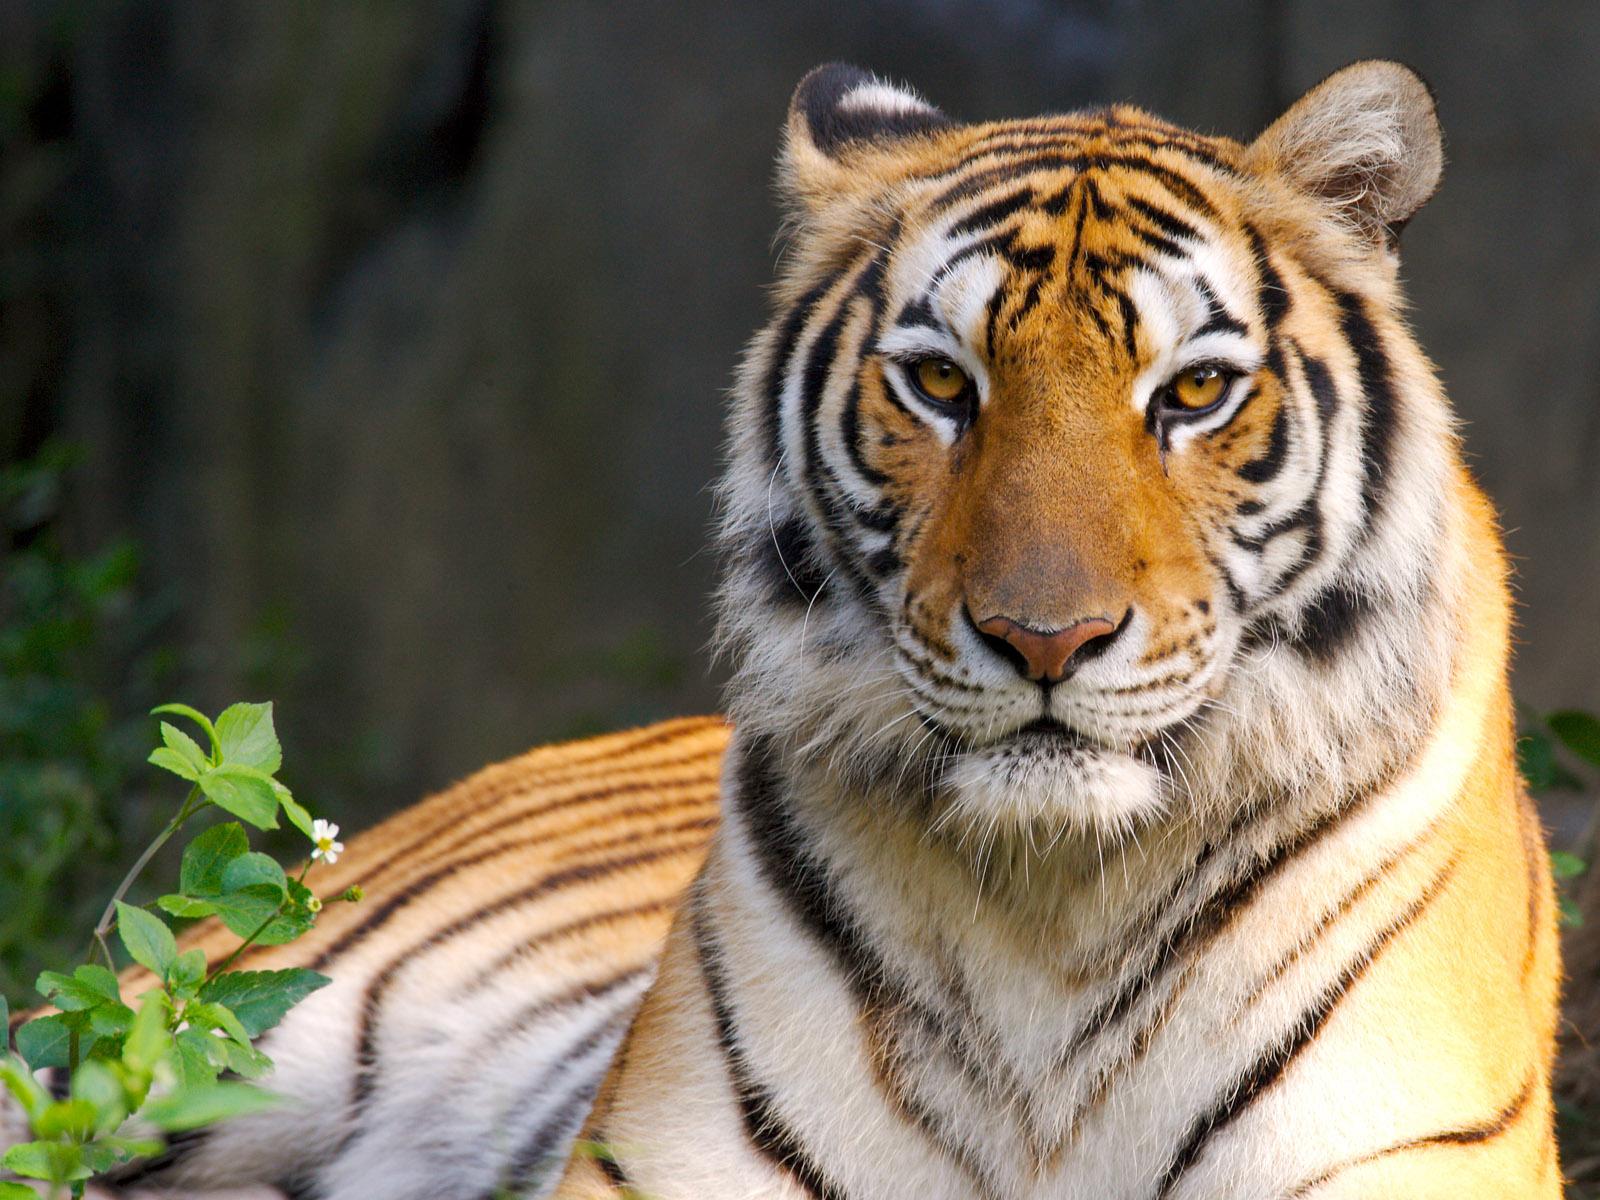 45 Free White Tiger Wallpaper Download On Wallpapersafari